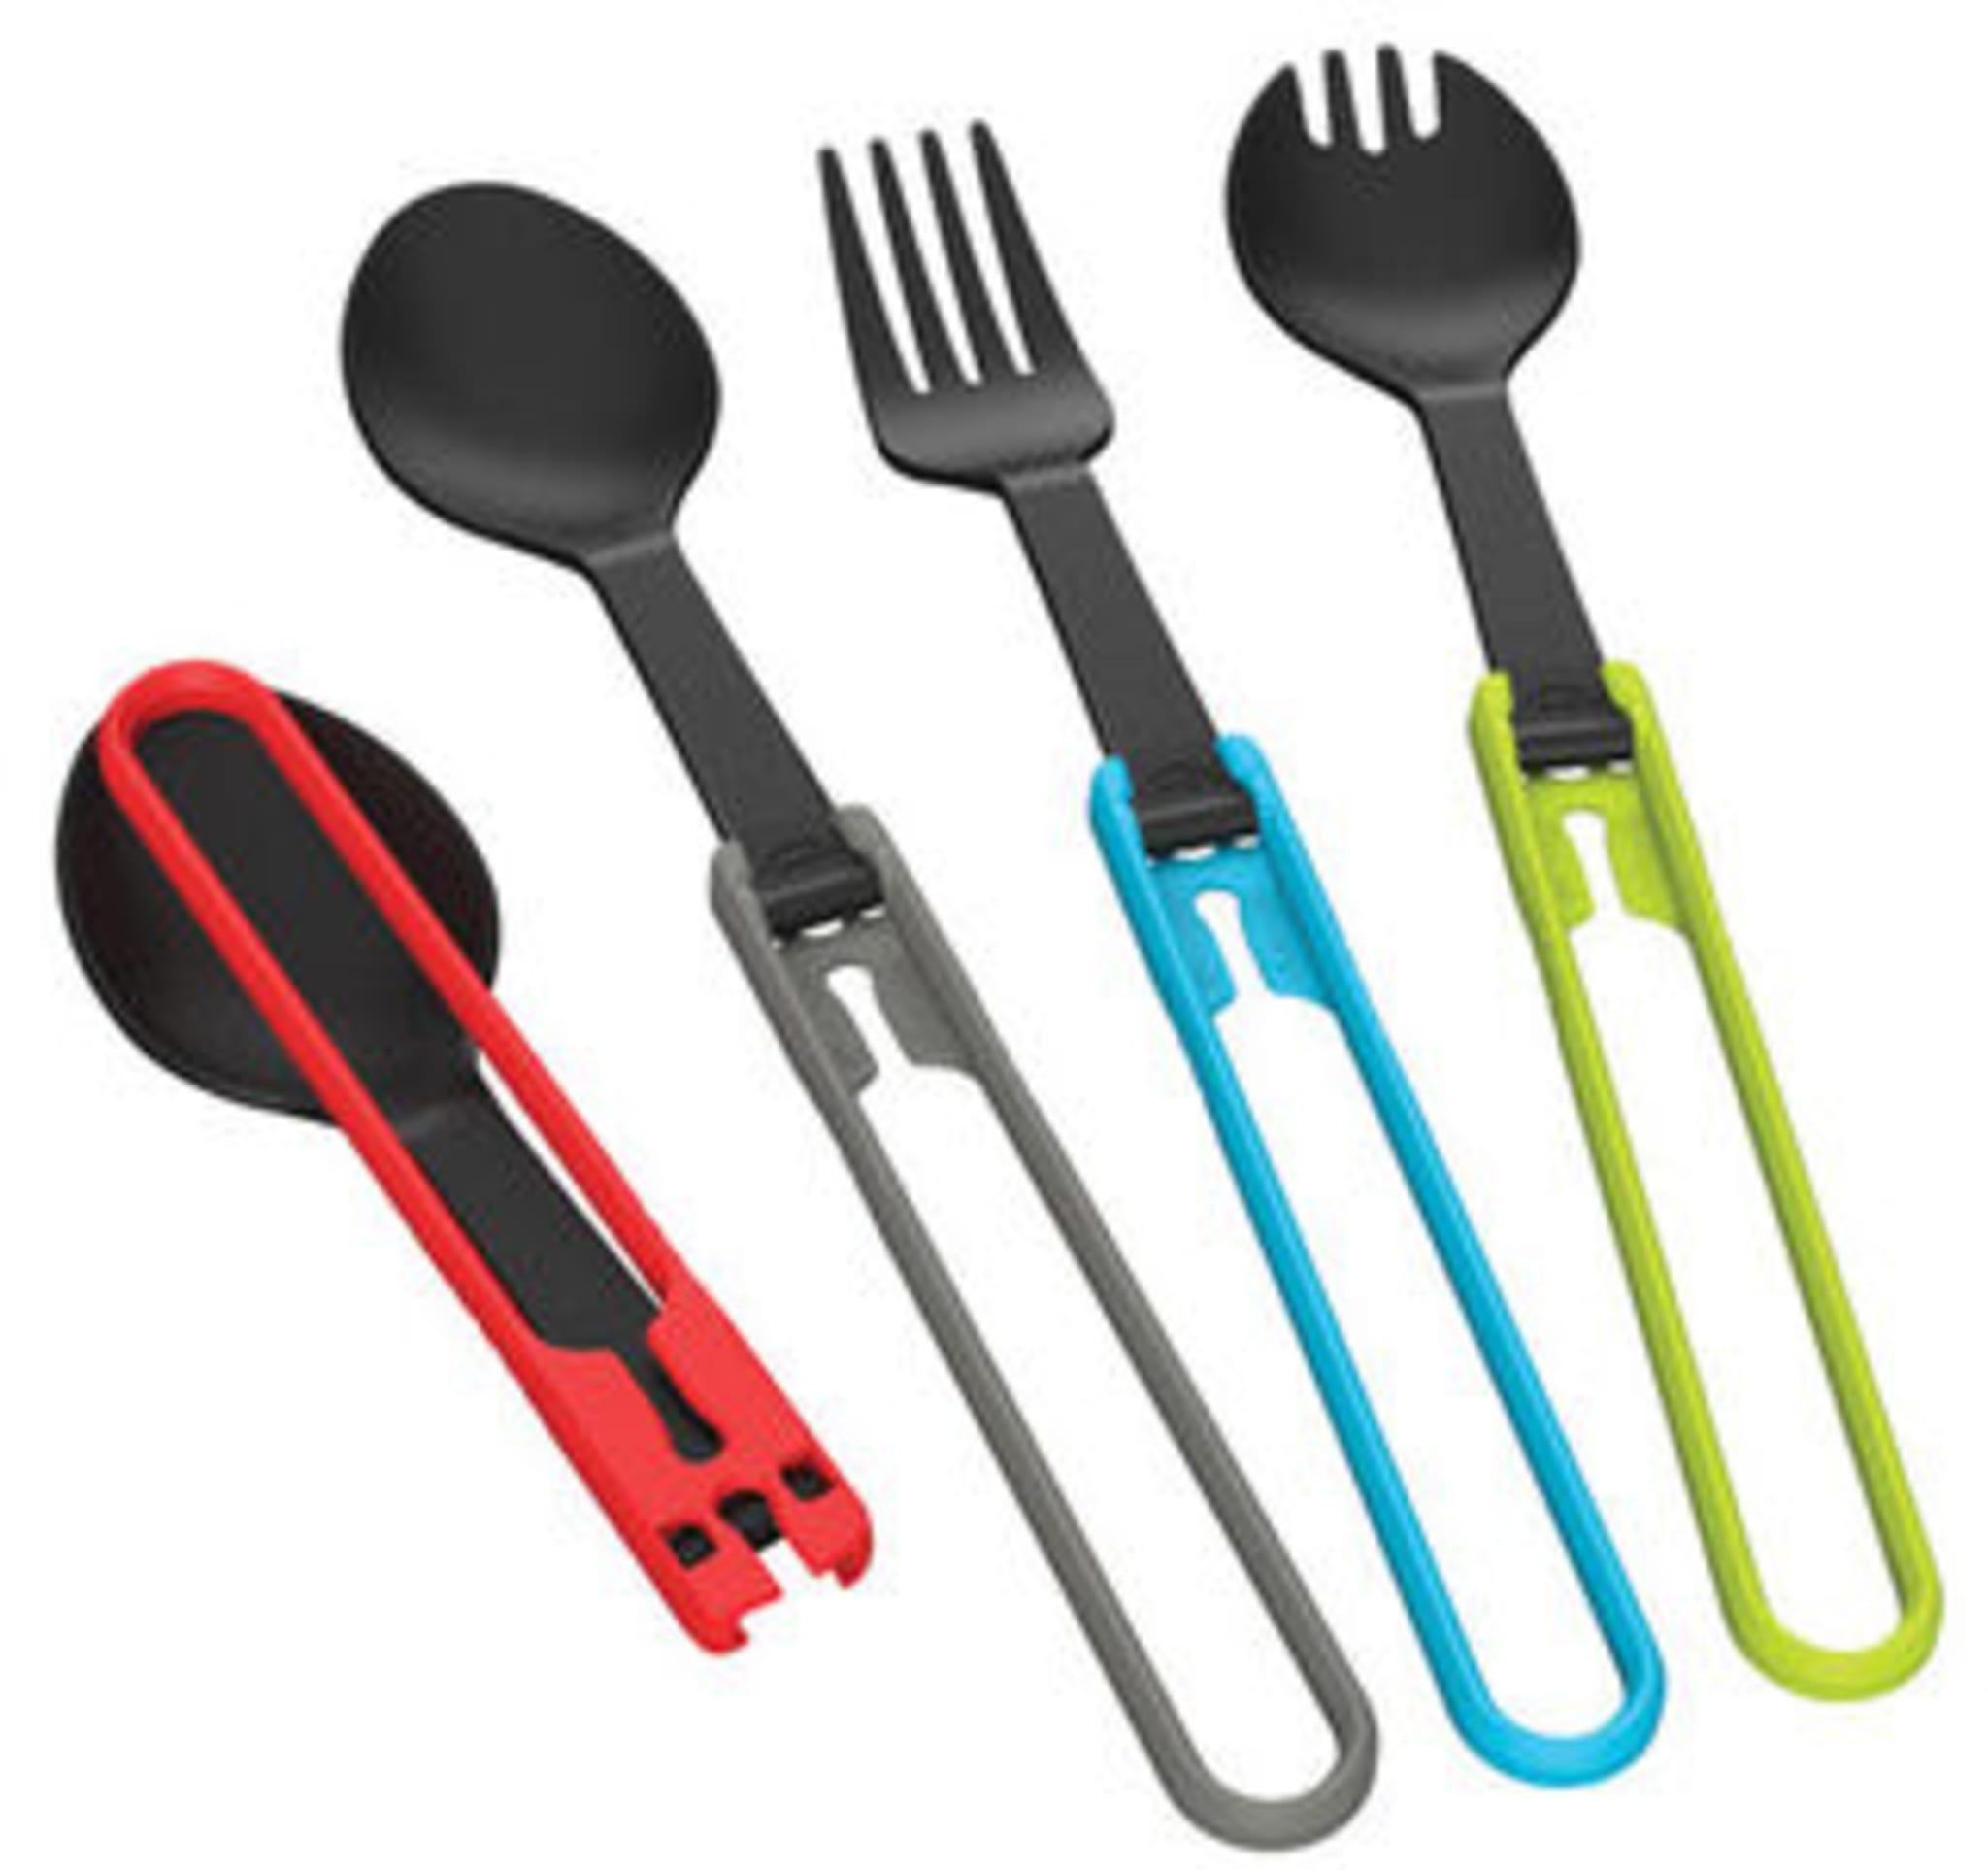 Sammenleggbar gaffel med god holdbarhet og lav vekt